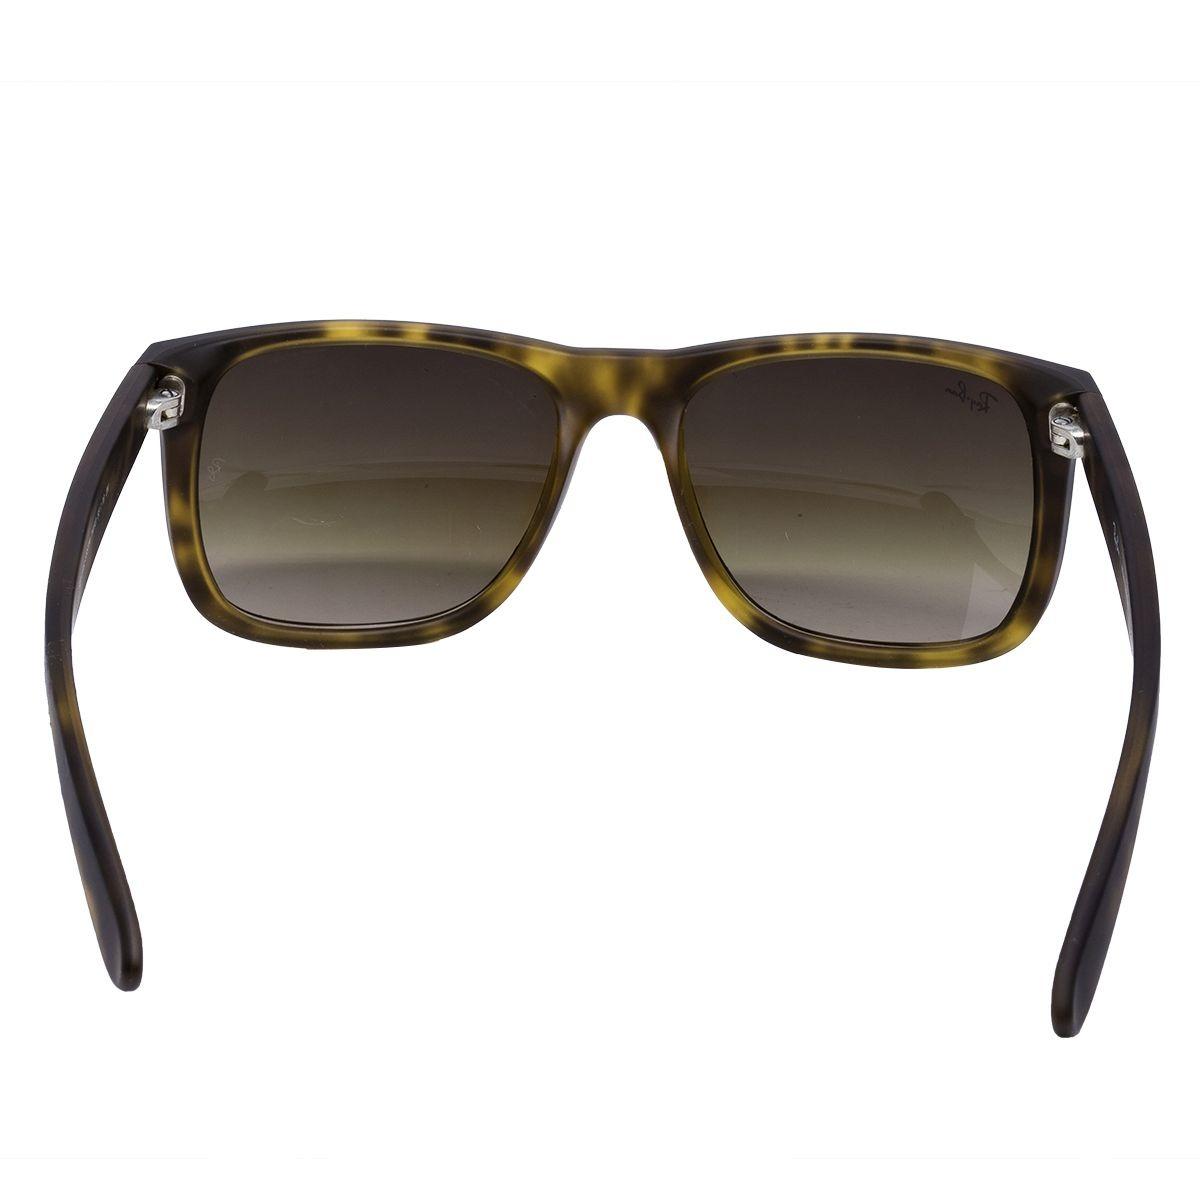 Óculos De Sol Ray Ban Original Justin Rb4165 710 13 - R  484,00 em ... c77cd5fd68